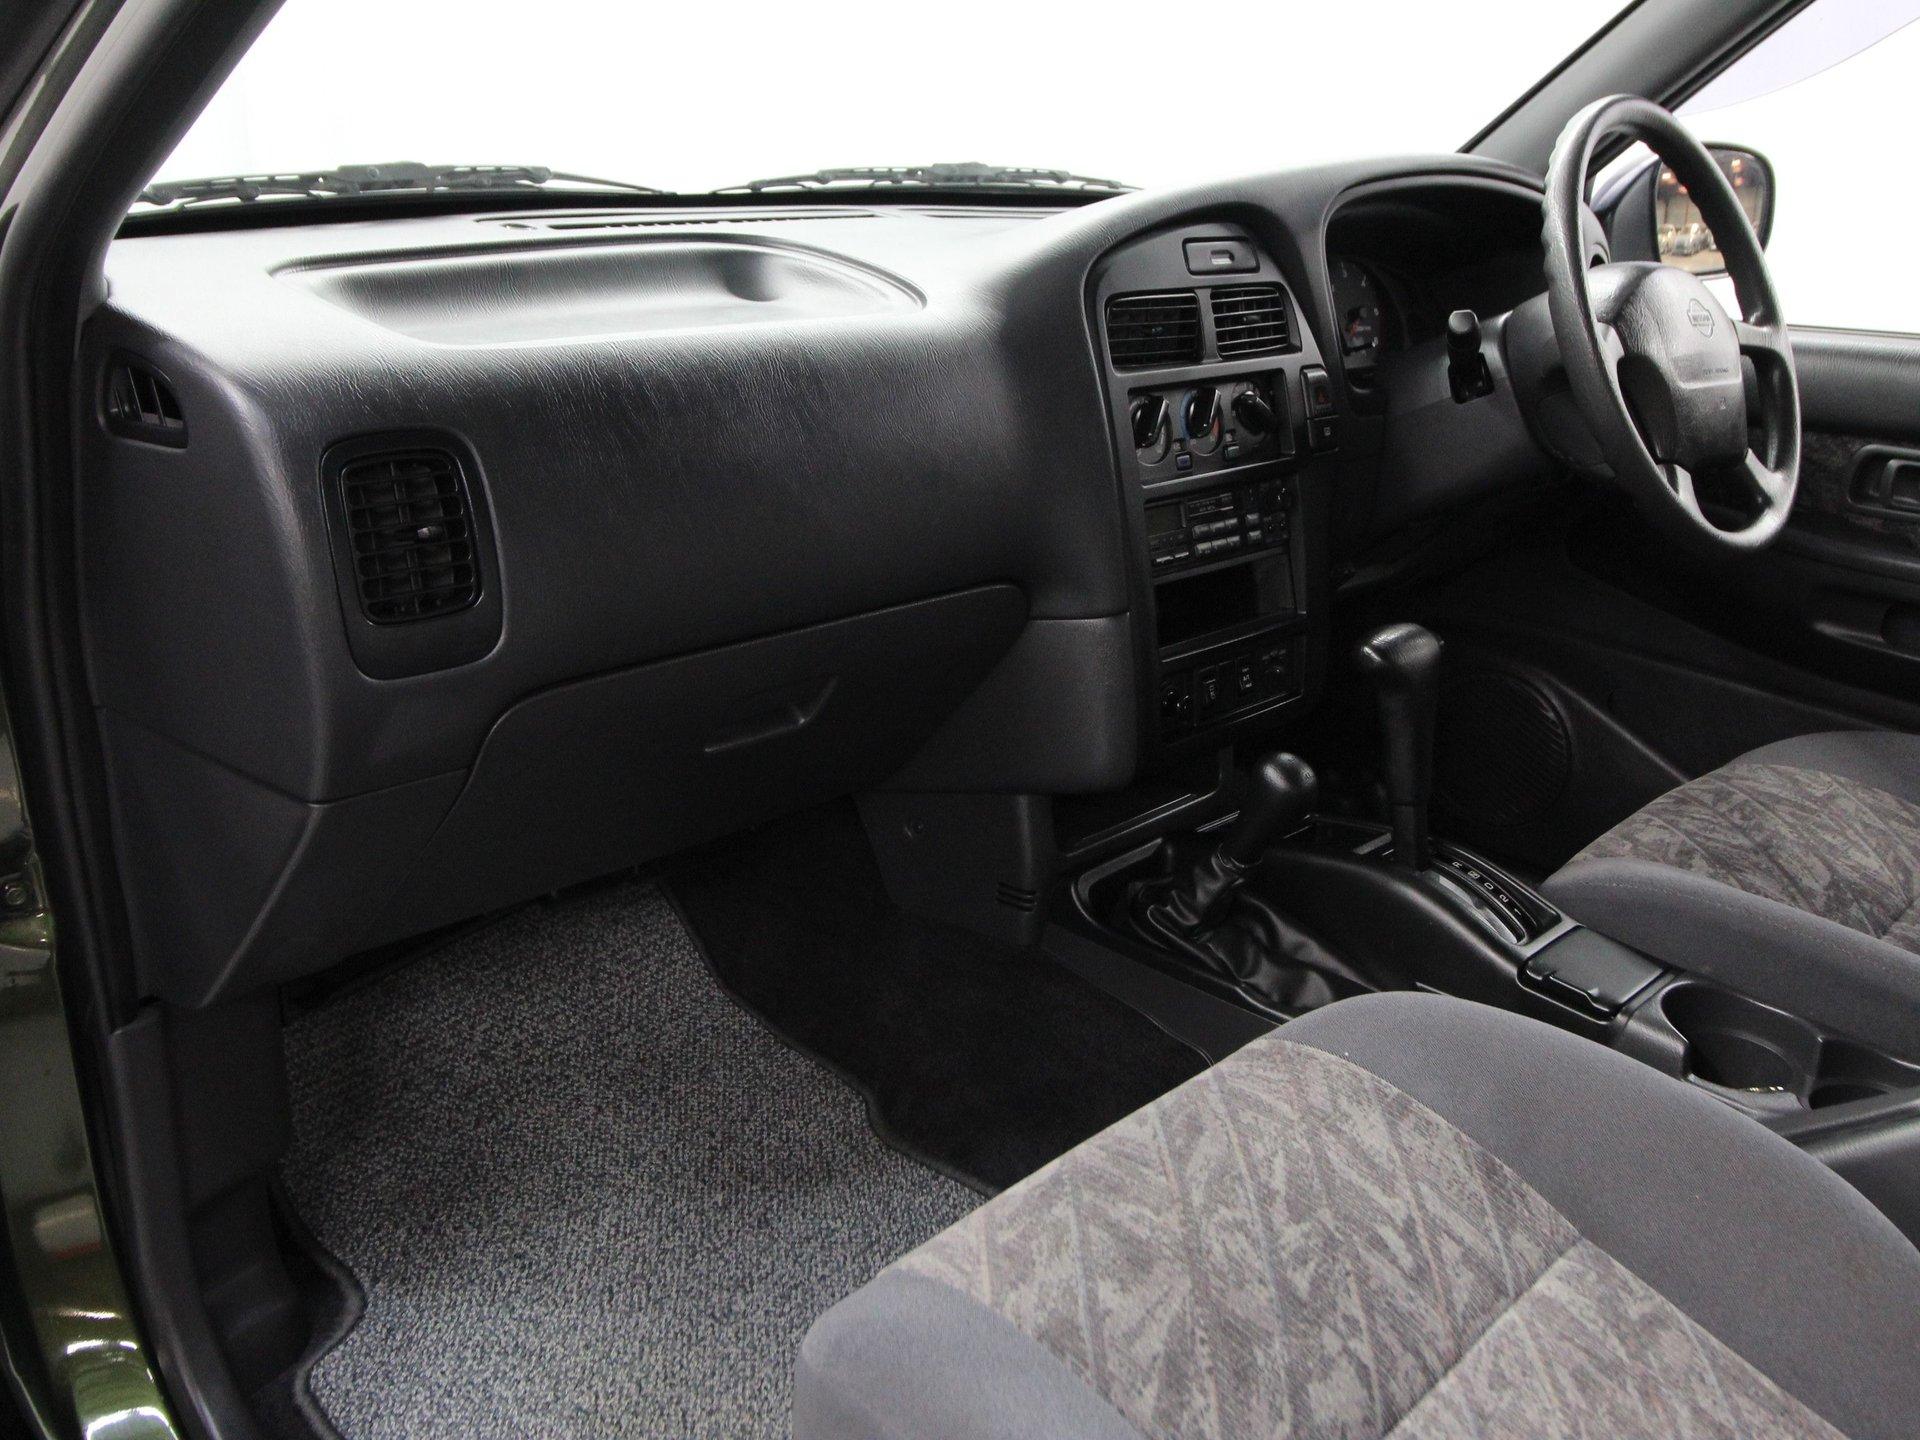 1995 Nissan Terrano